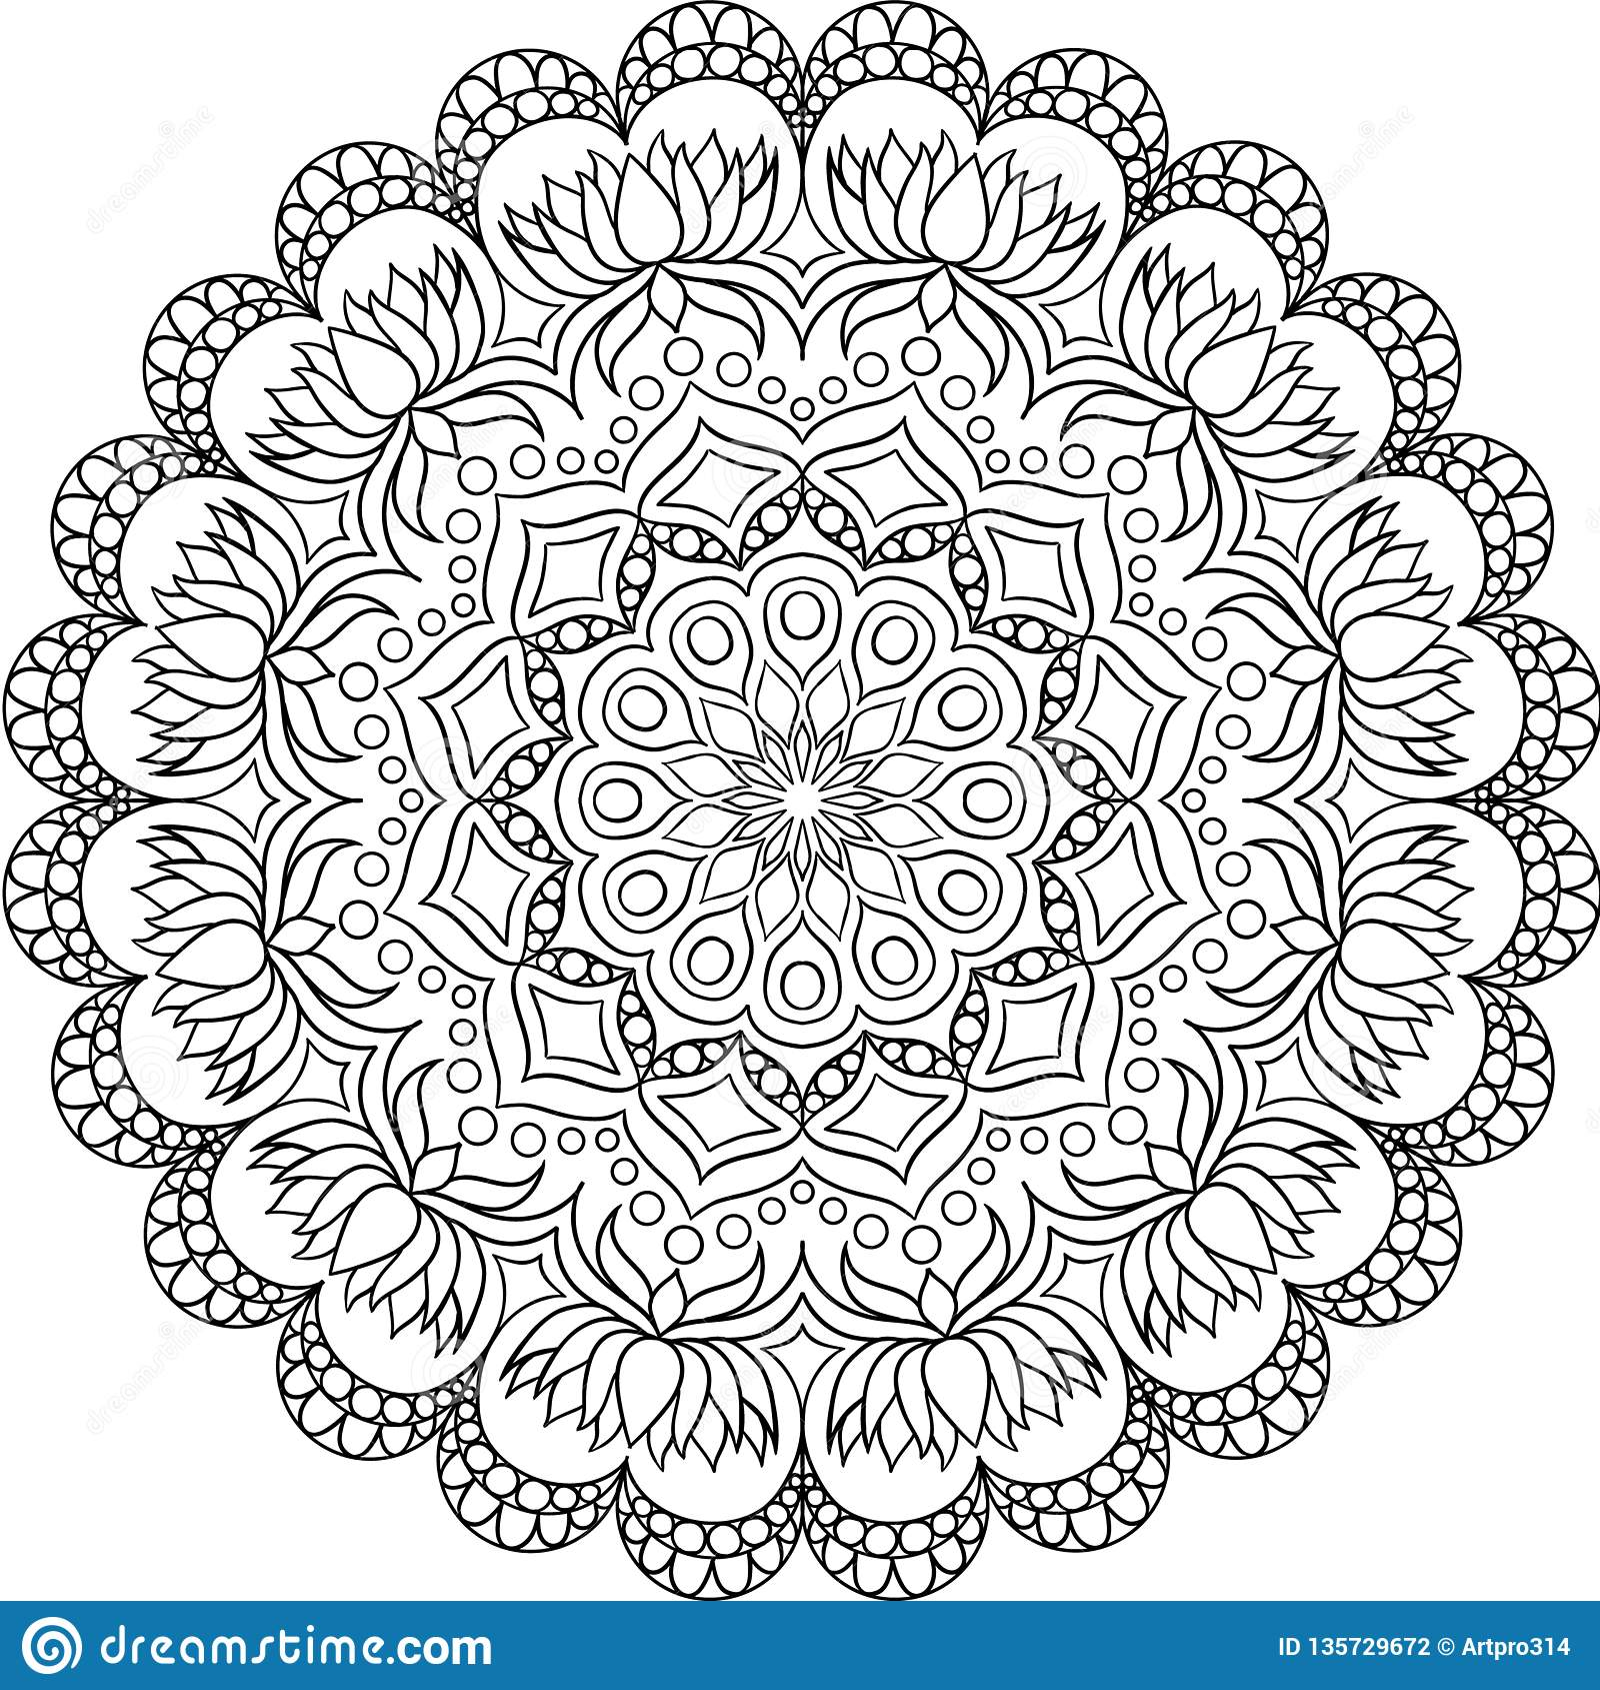 Κυκλικό σχέδιο με μορφή mandala για Henna, Mehndi, δερματοστιξία, διακόσμηση